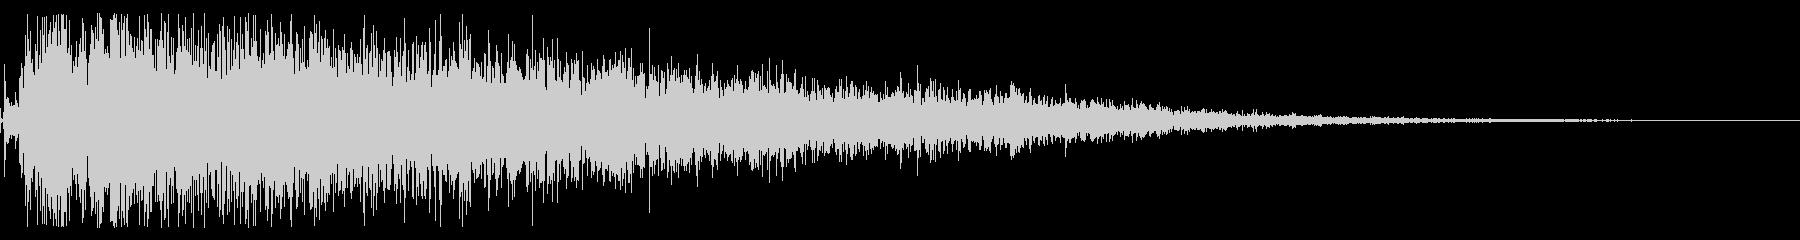 モンスター ゾンビ うめき声 ステレオの未再生の波形